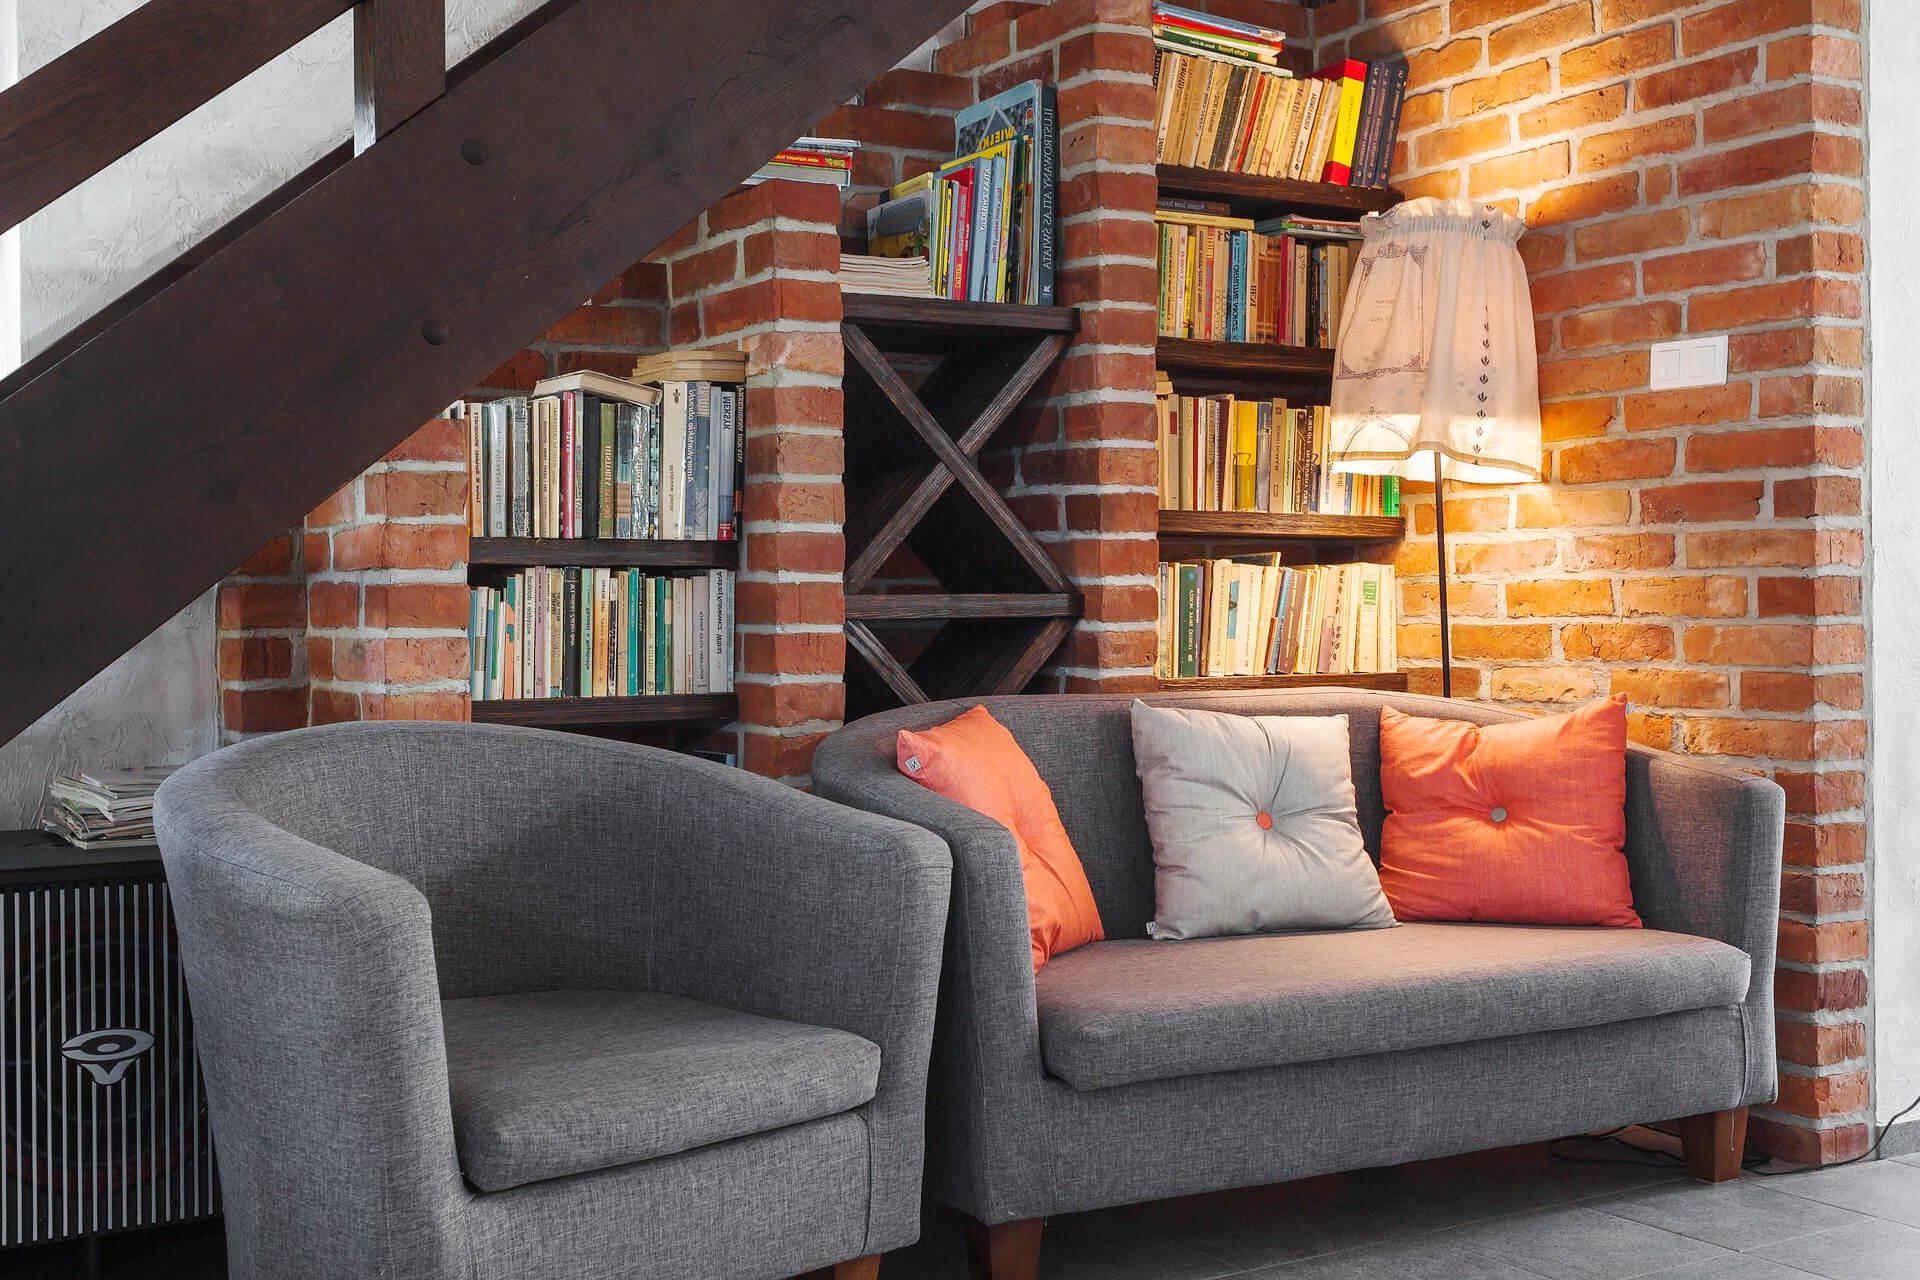 Bücher über Sofa, Bücher, die man gelesen haben muss